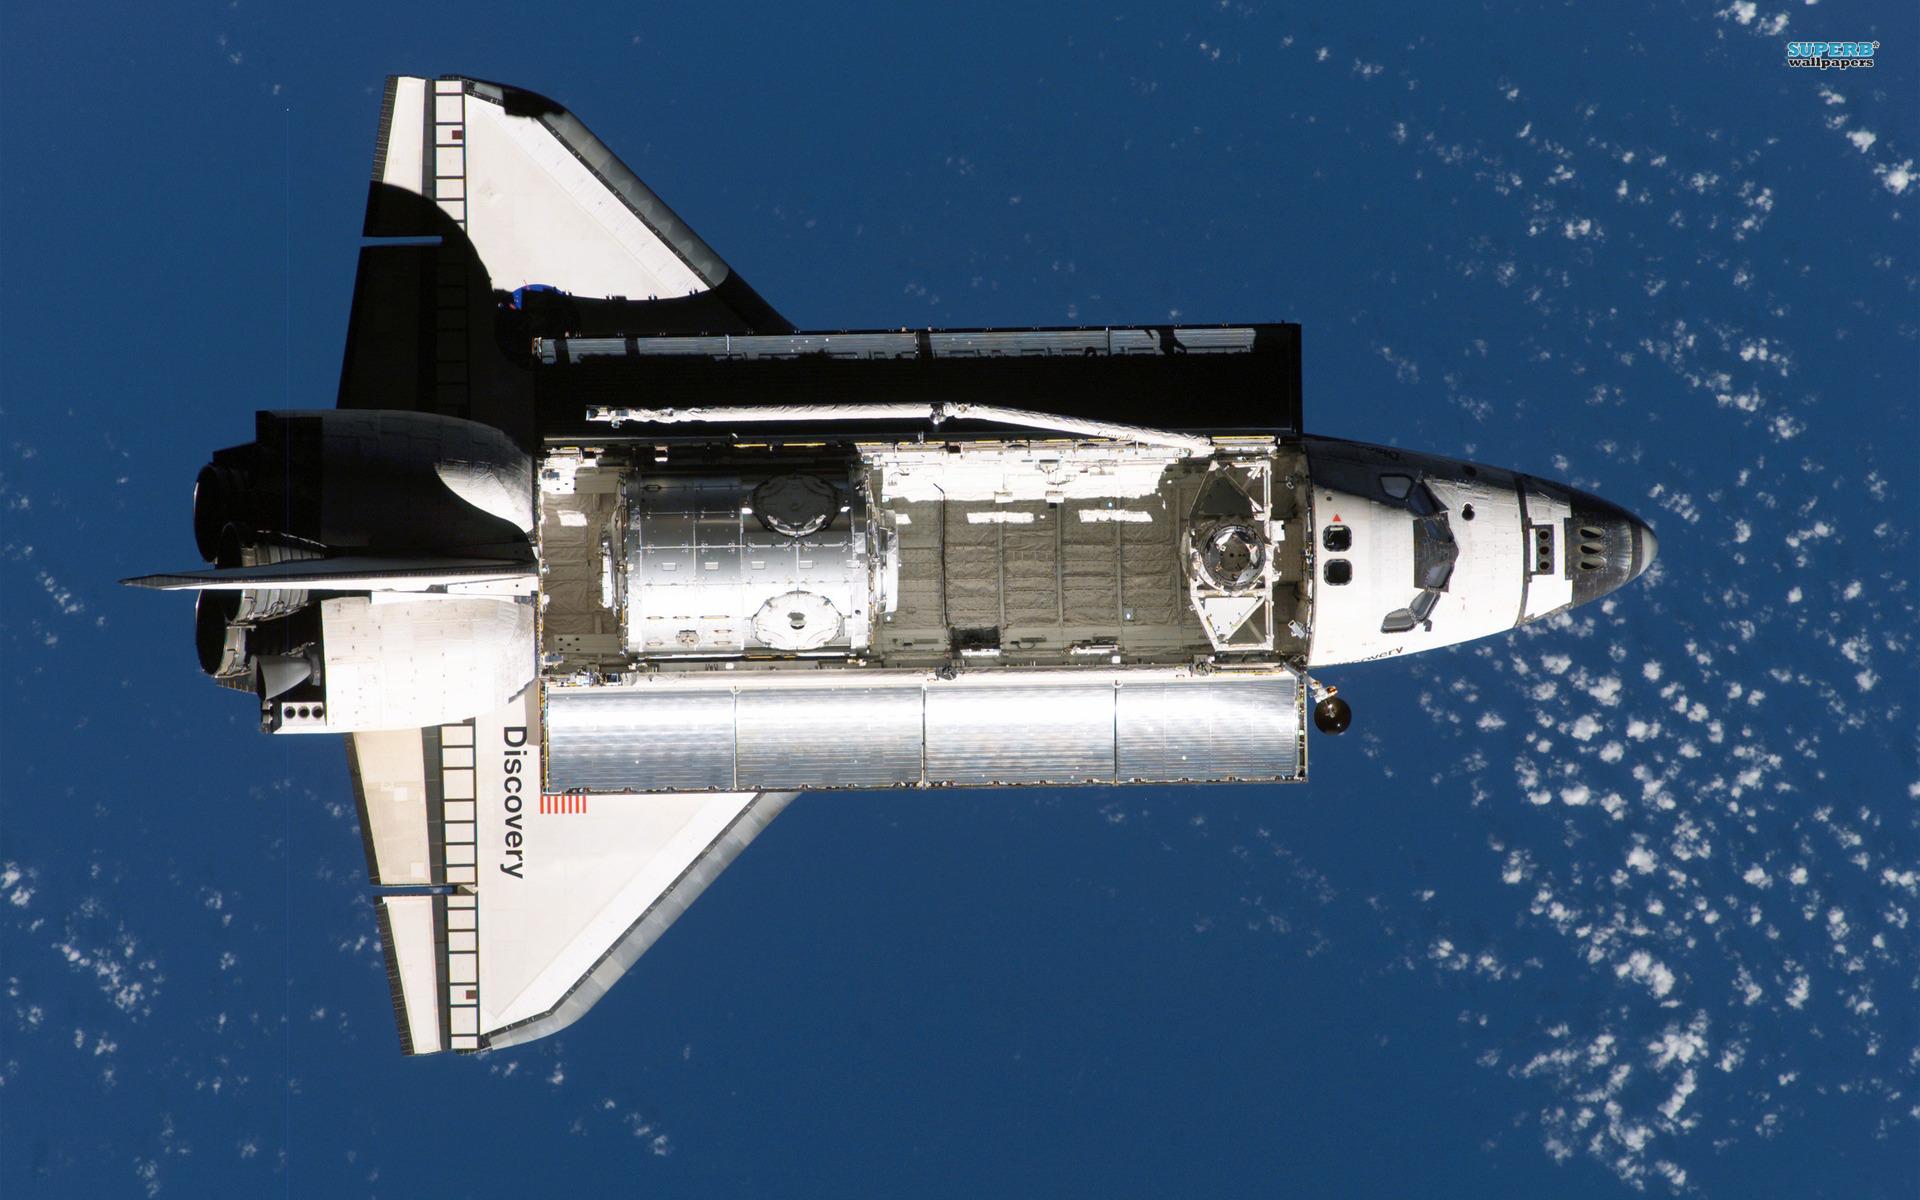 Fonds d'écran : Les navettes spatiales américaines